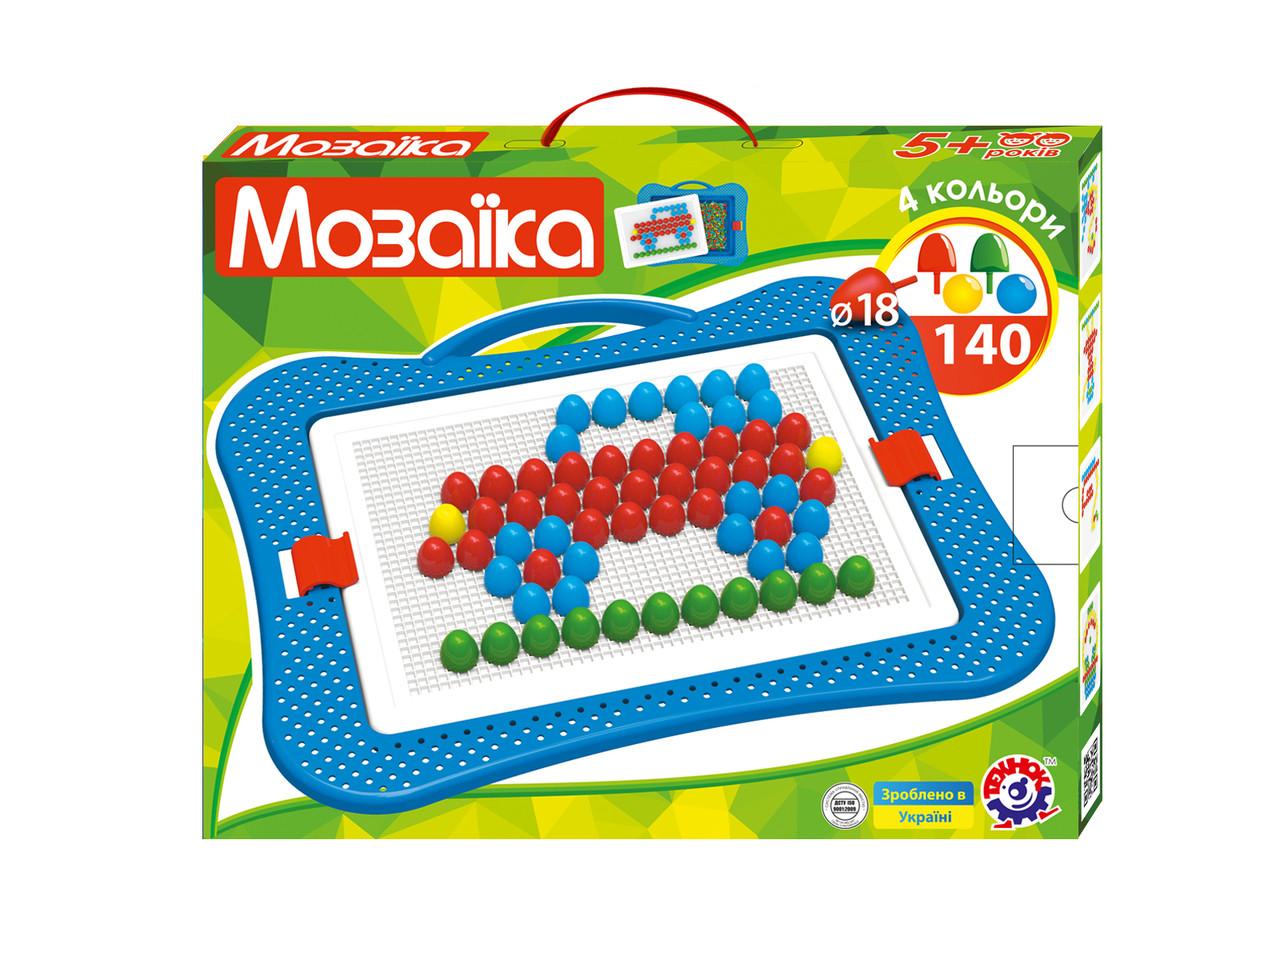 Детская игра мозайка для малюків 6 пластмасса Технок - Style-Baby детский магазин в Киеве